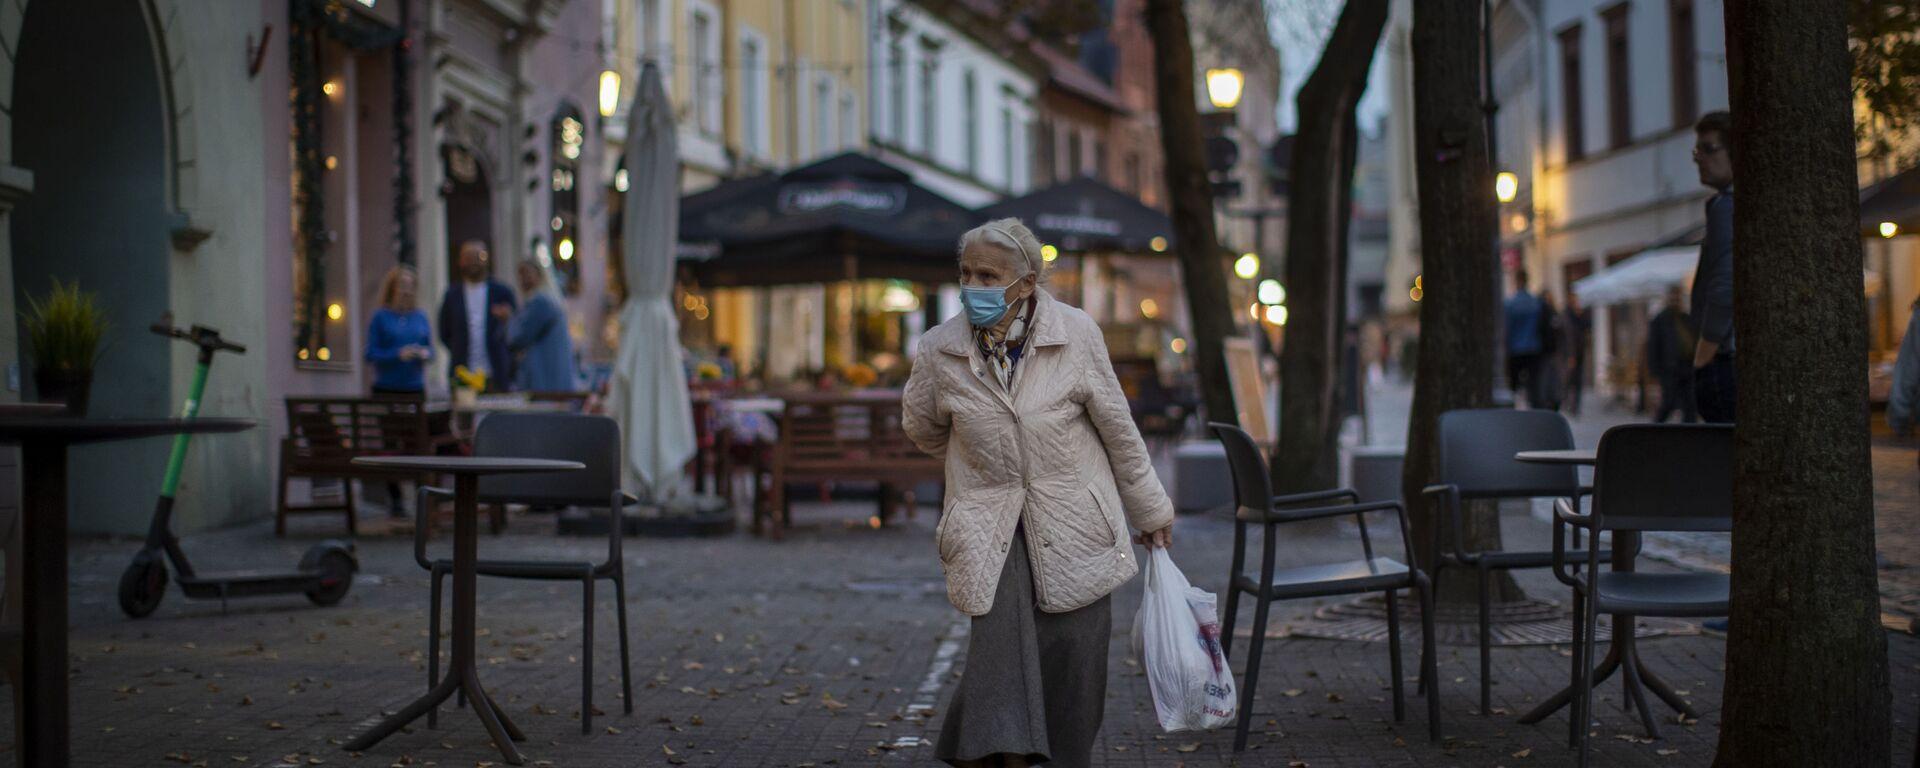 Пожилая женщина в защитной маске - Sputnik Latvija, 1920, 25.03.2021